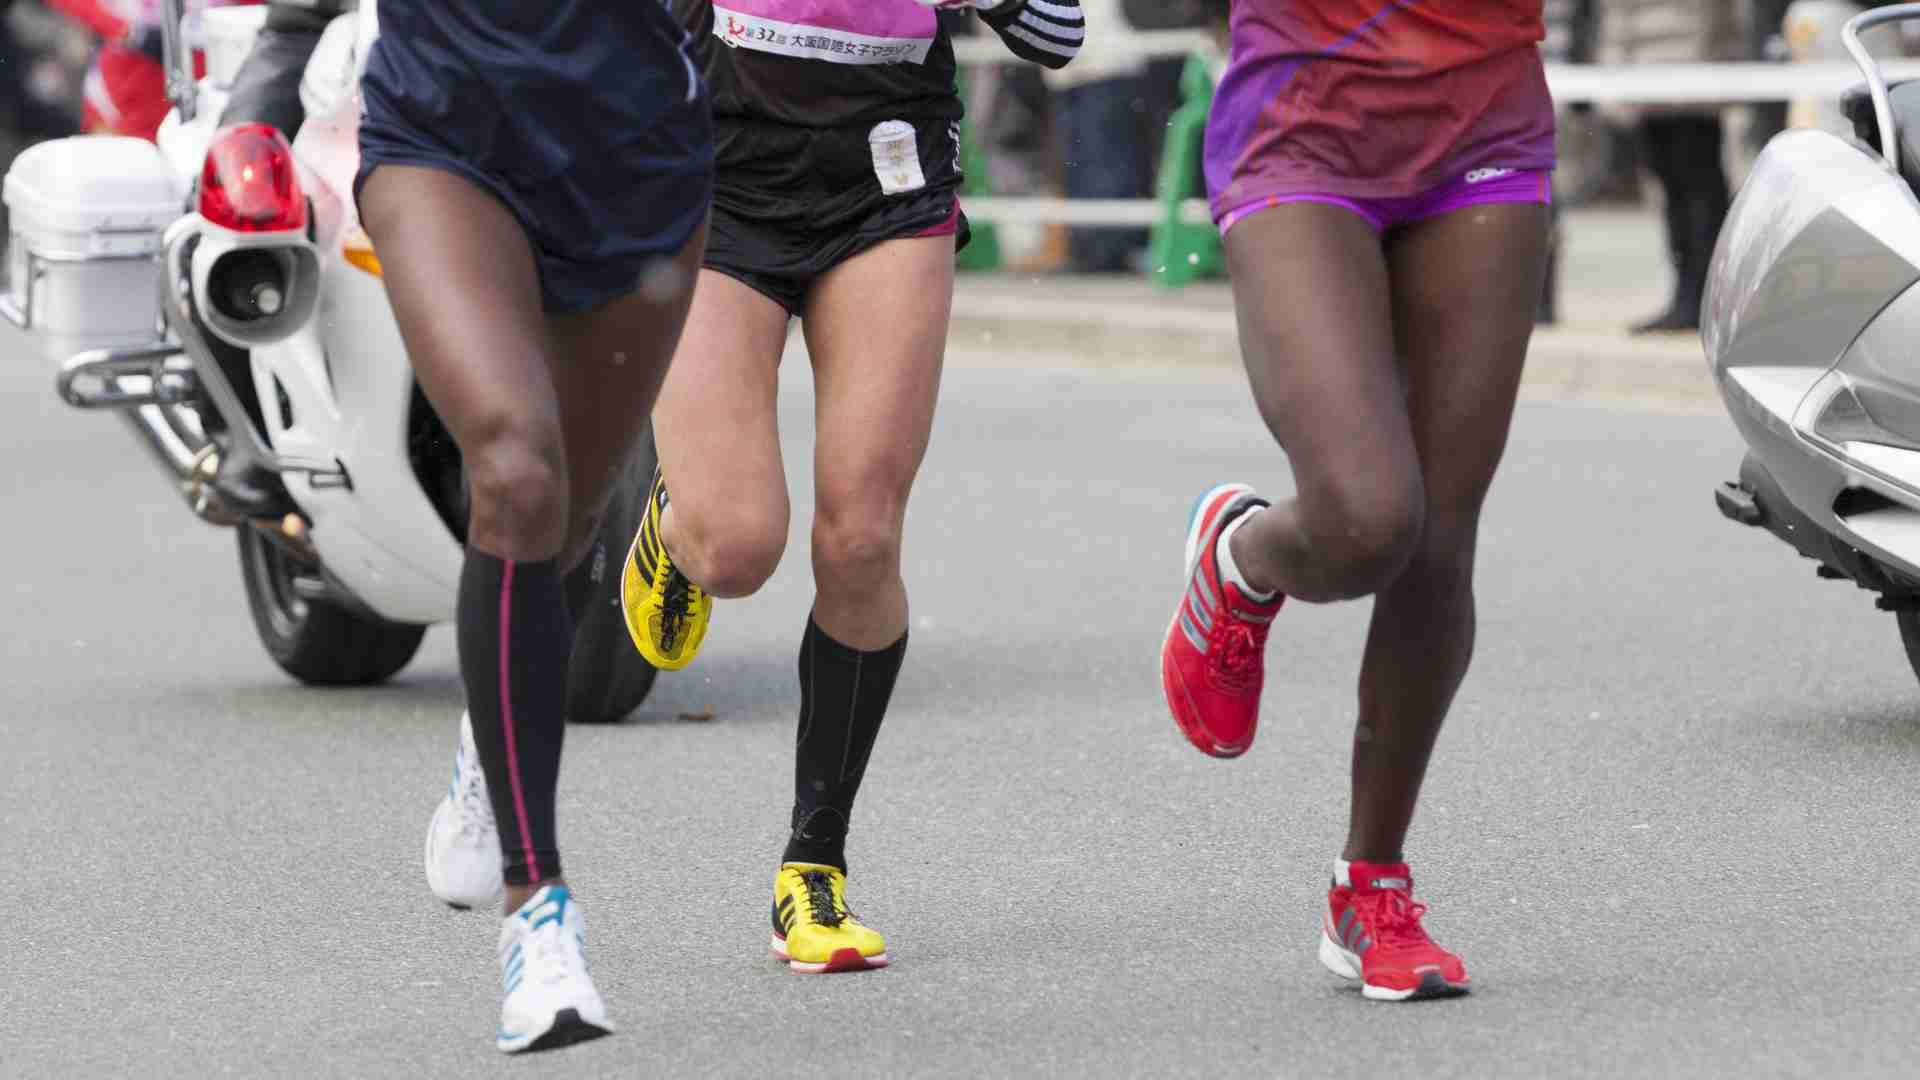 女子マラソン元日本代表の万引き事件からみる、女子アスリートと摂食障害の問題(江川紹子) - 個人 - Yahoo!ニュース